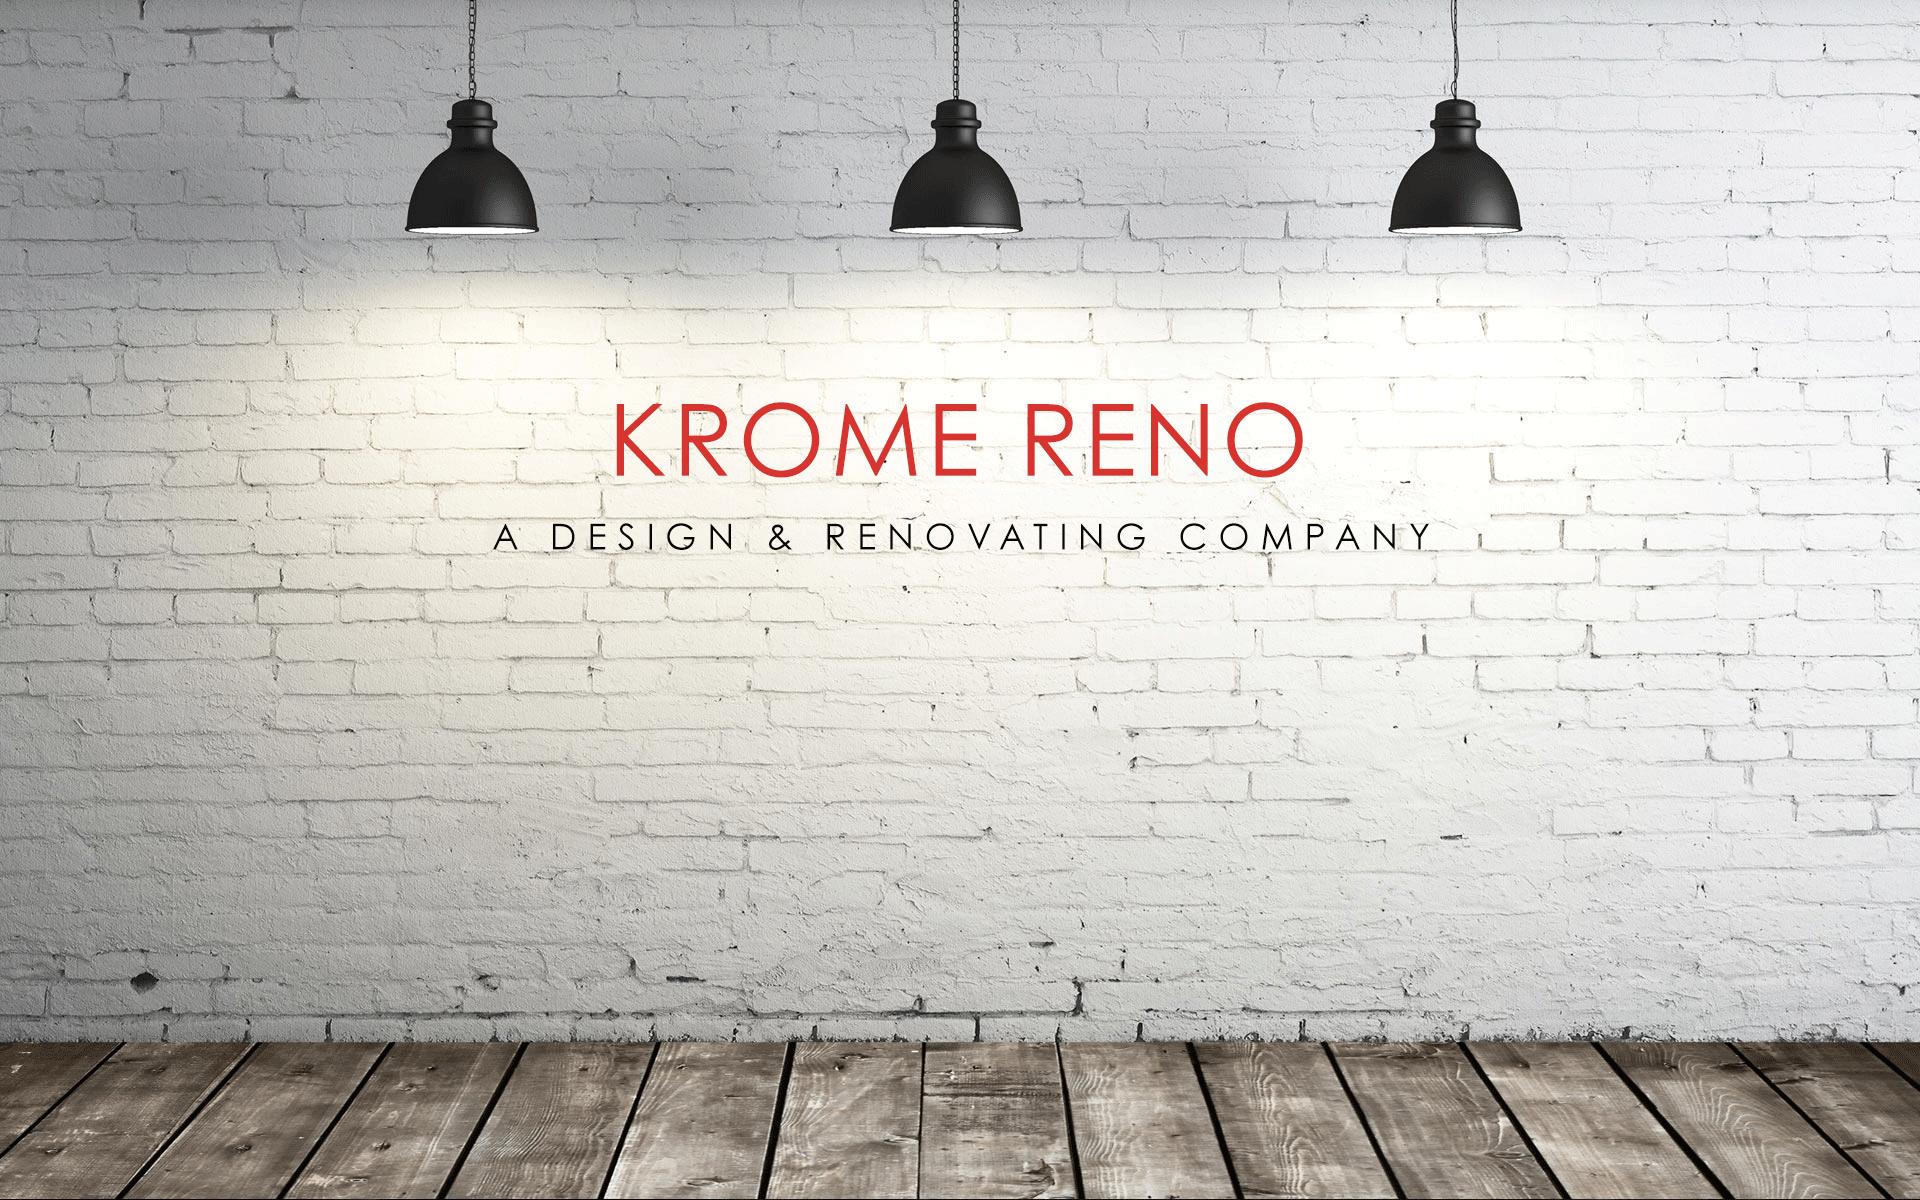 Krome Reno